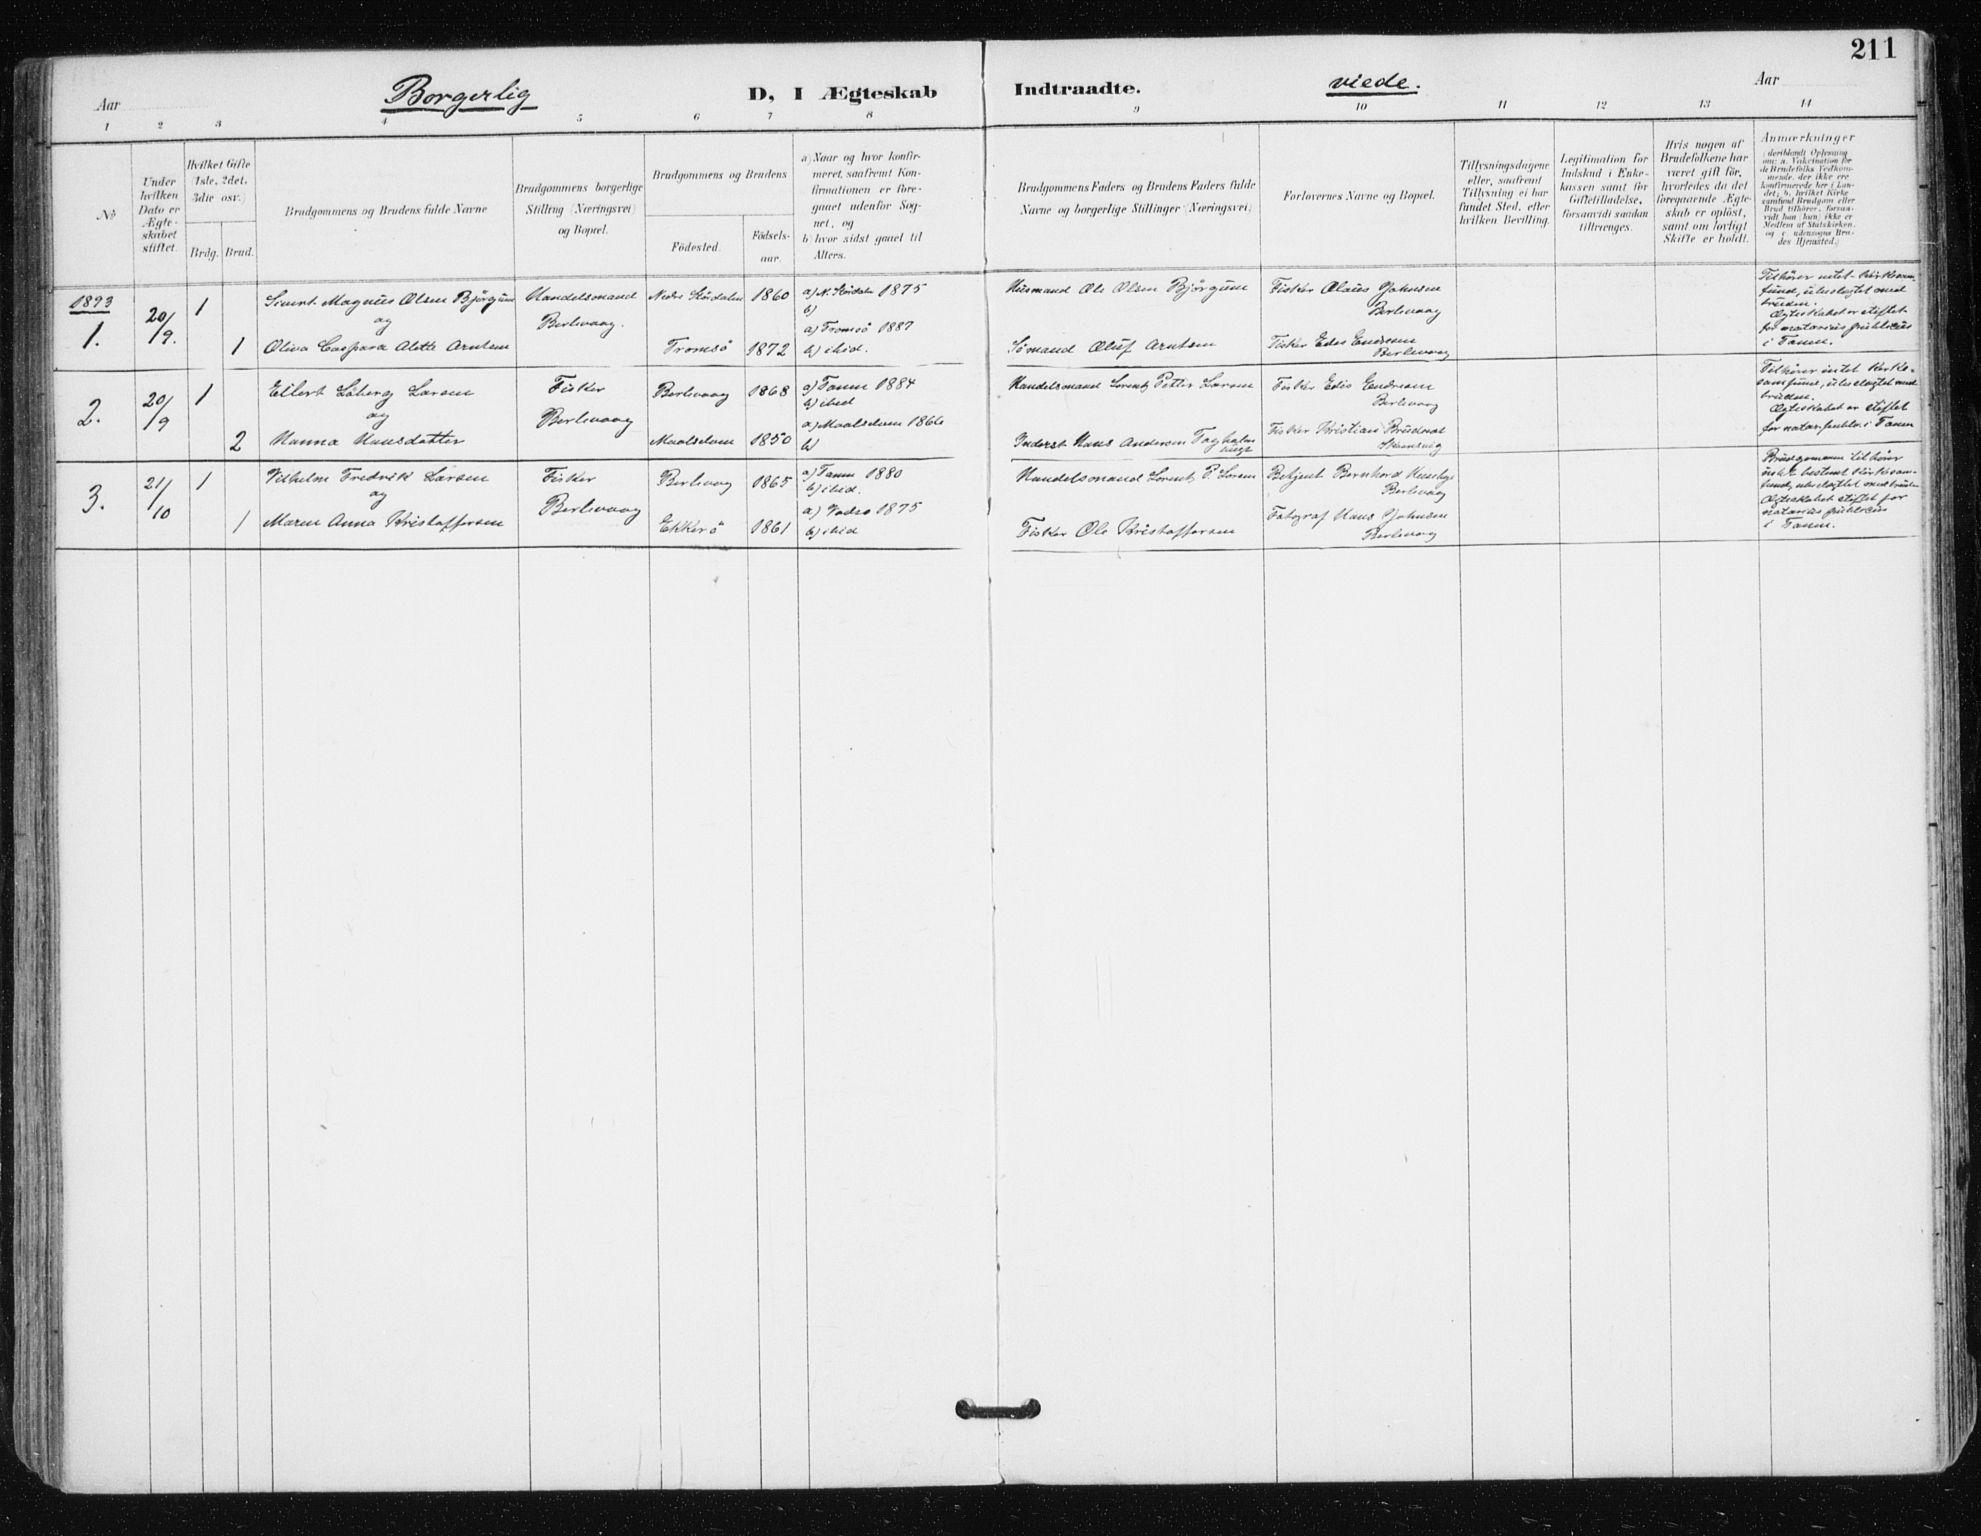 SATØ, Tana sokneprestkontor, H/Ha/L0005kirke: Ministerialbok nr. 5, 1891-1903, s. 211